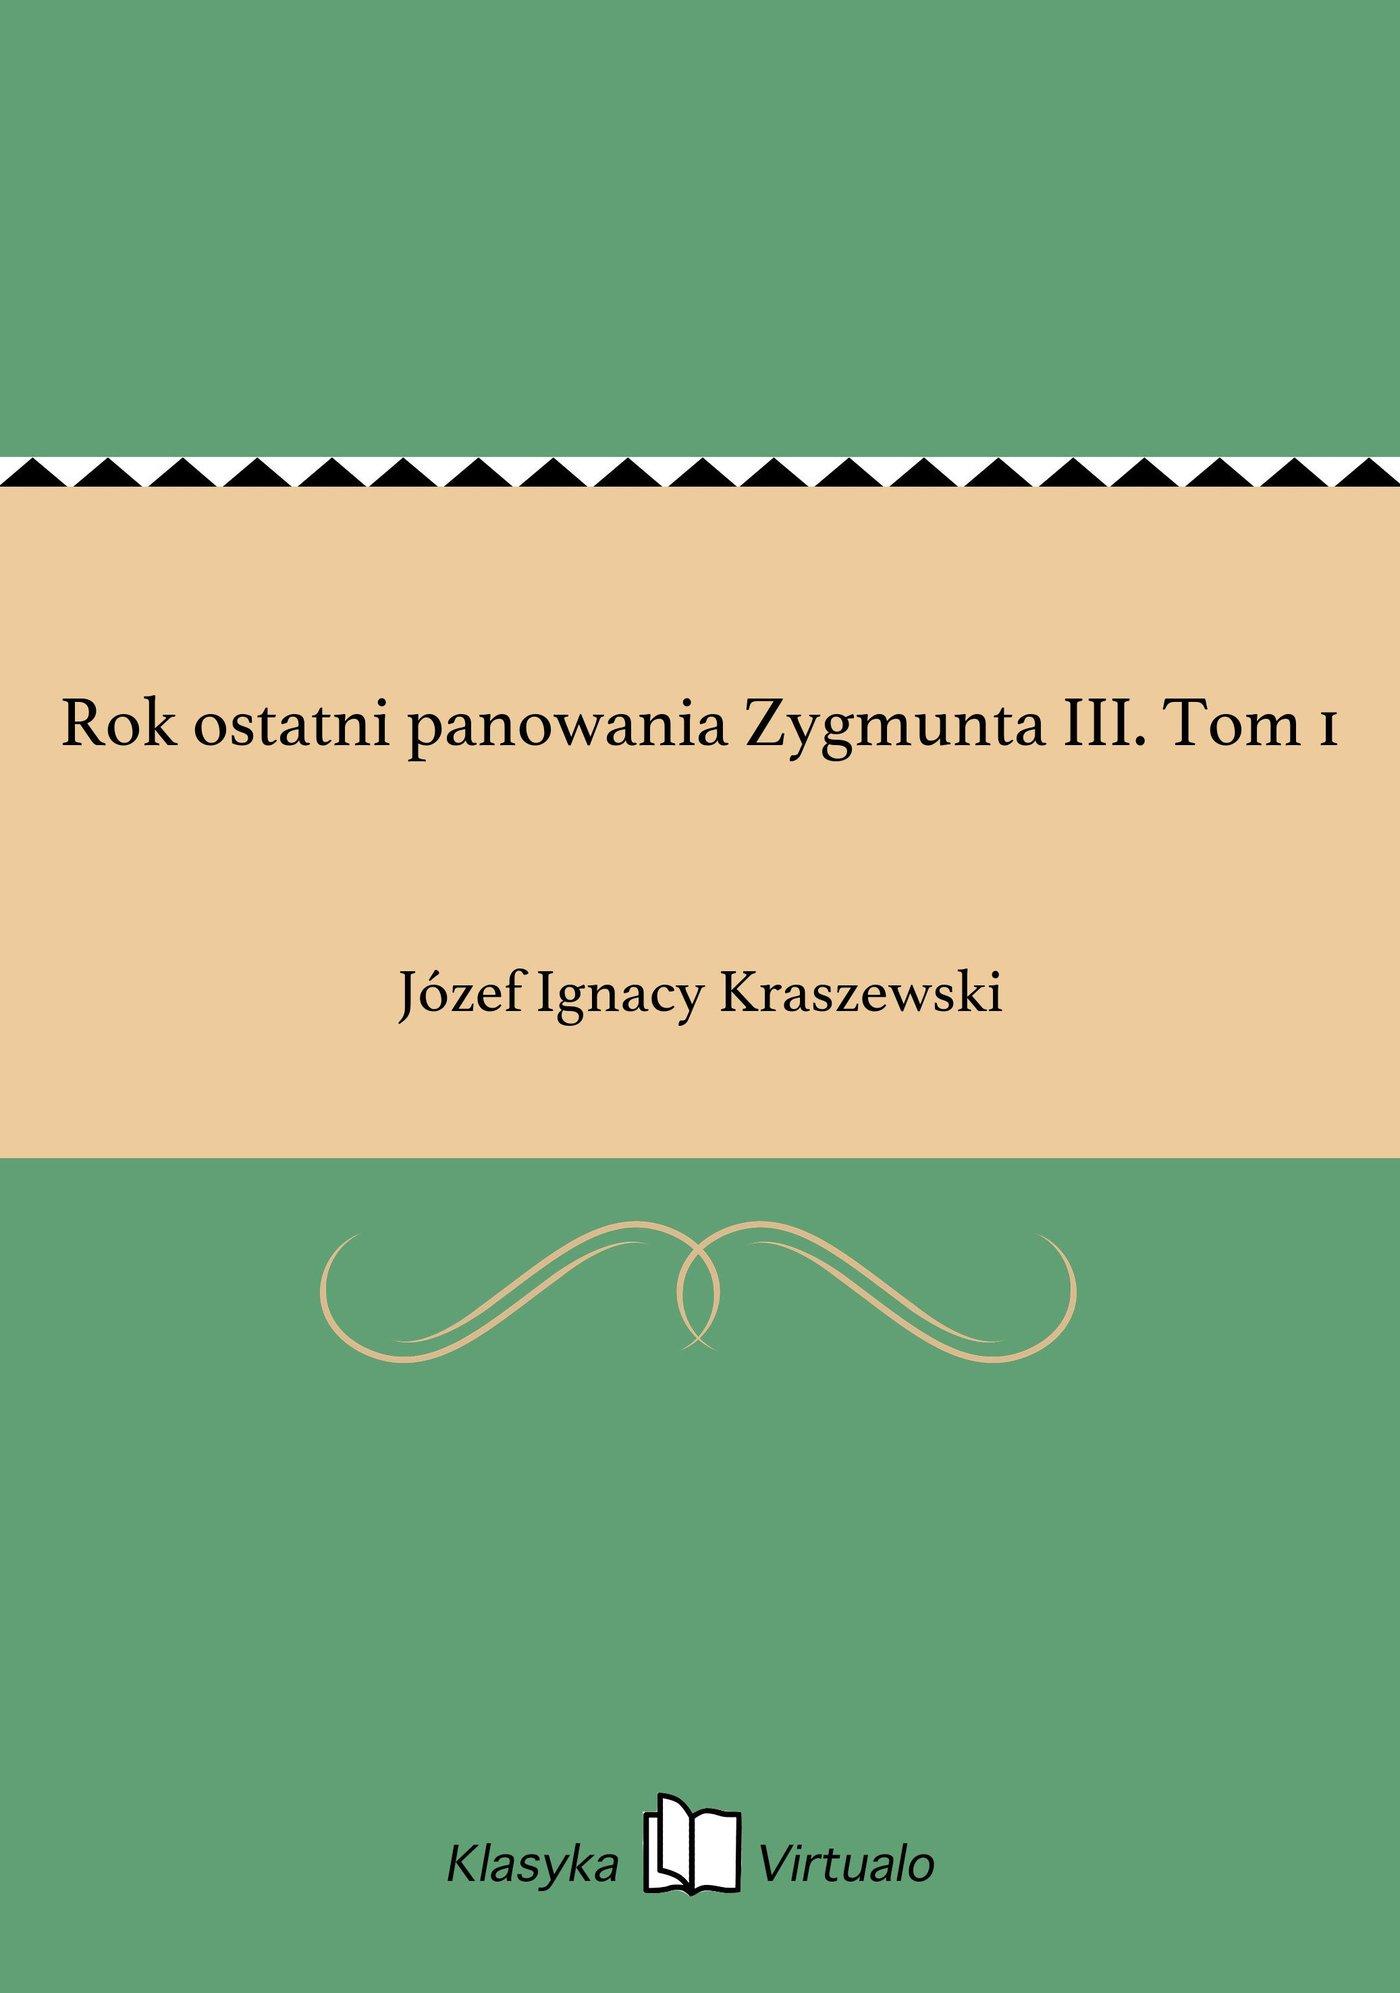 Rok ostatni panowania Zygmunta III. Tom 1 - Ebook (Książka EPUB) do pobrania w formacie EPUB